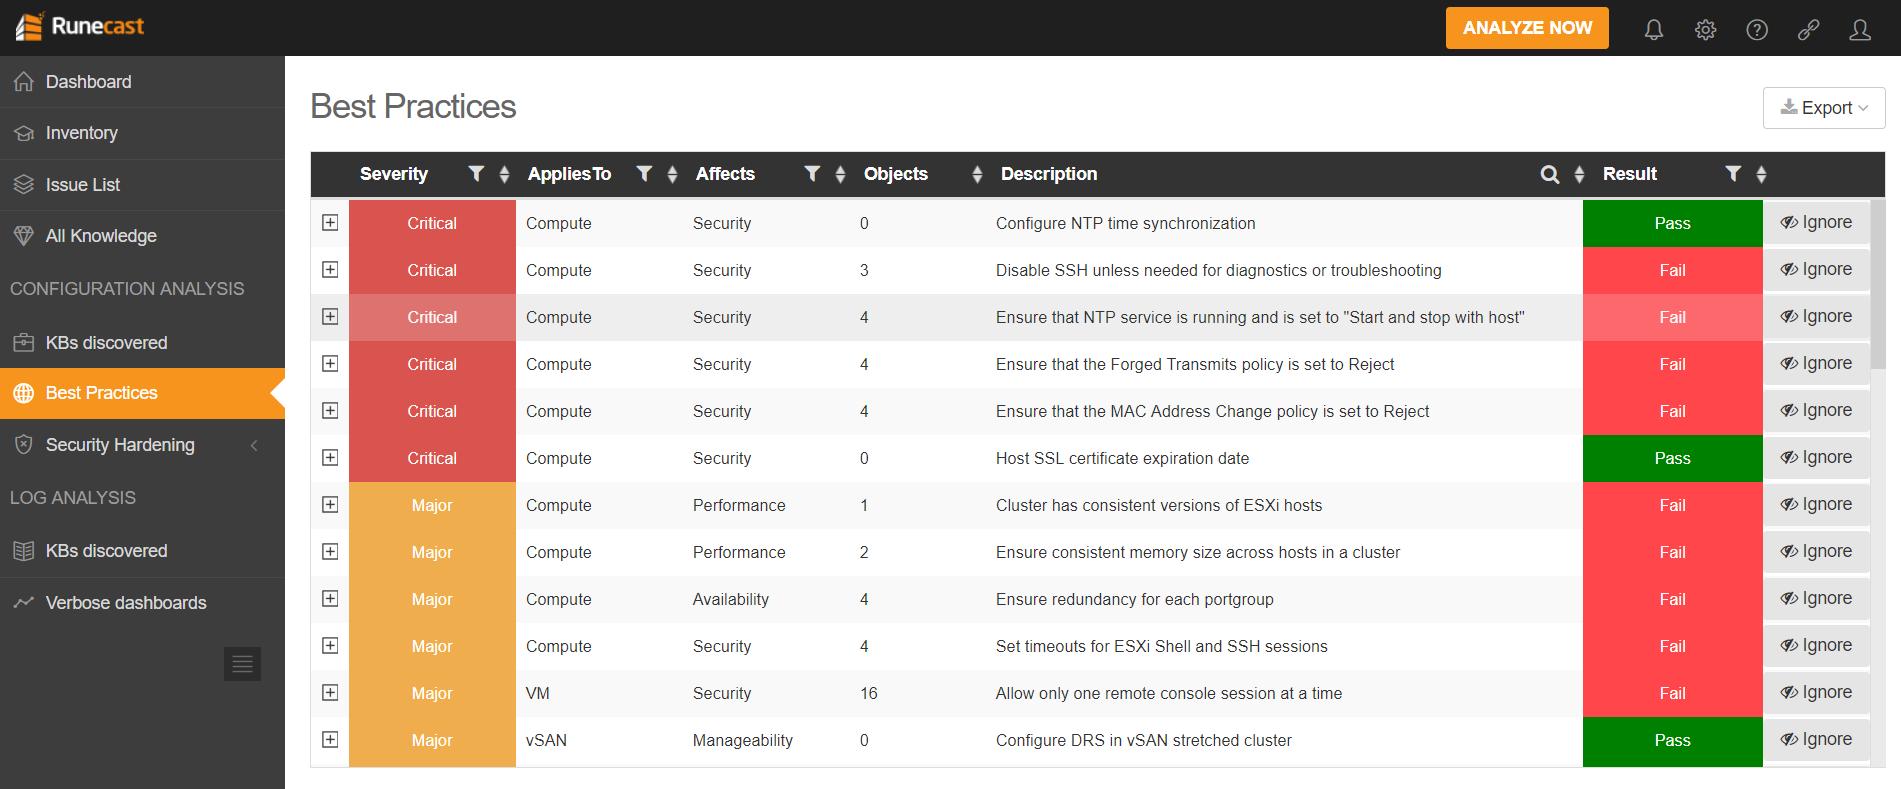 vmware best practices with Runecast